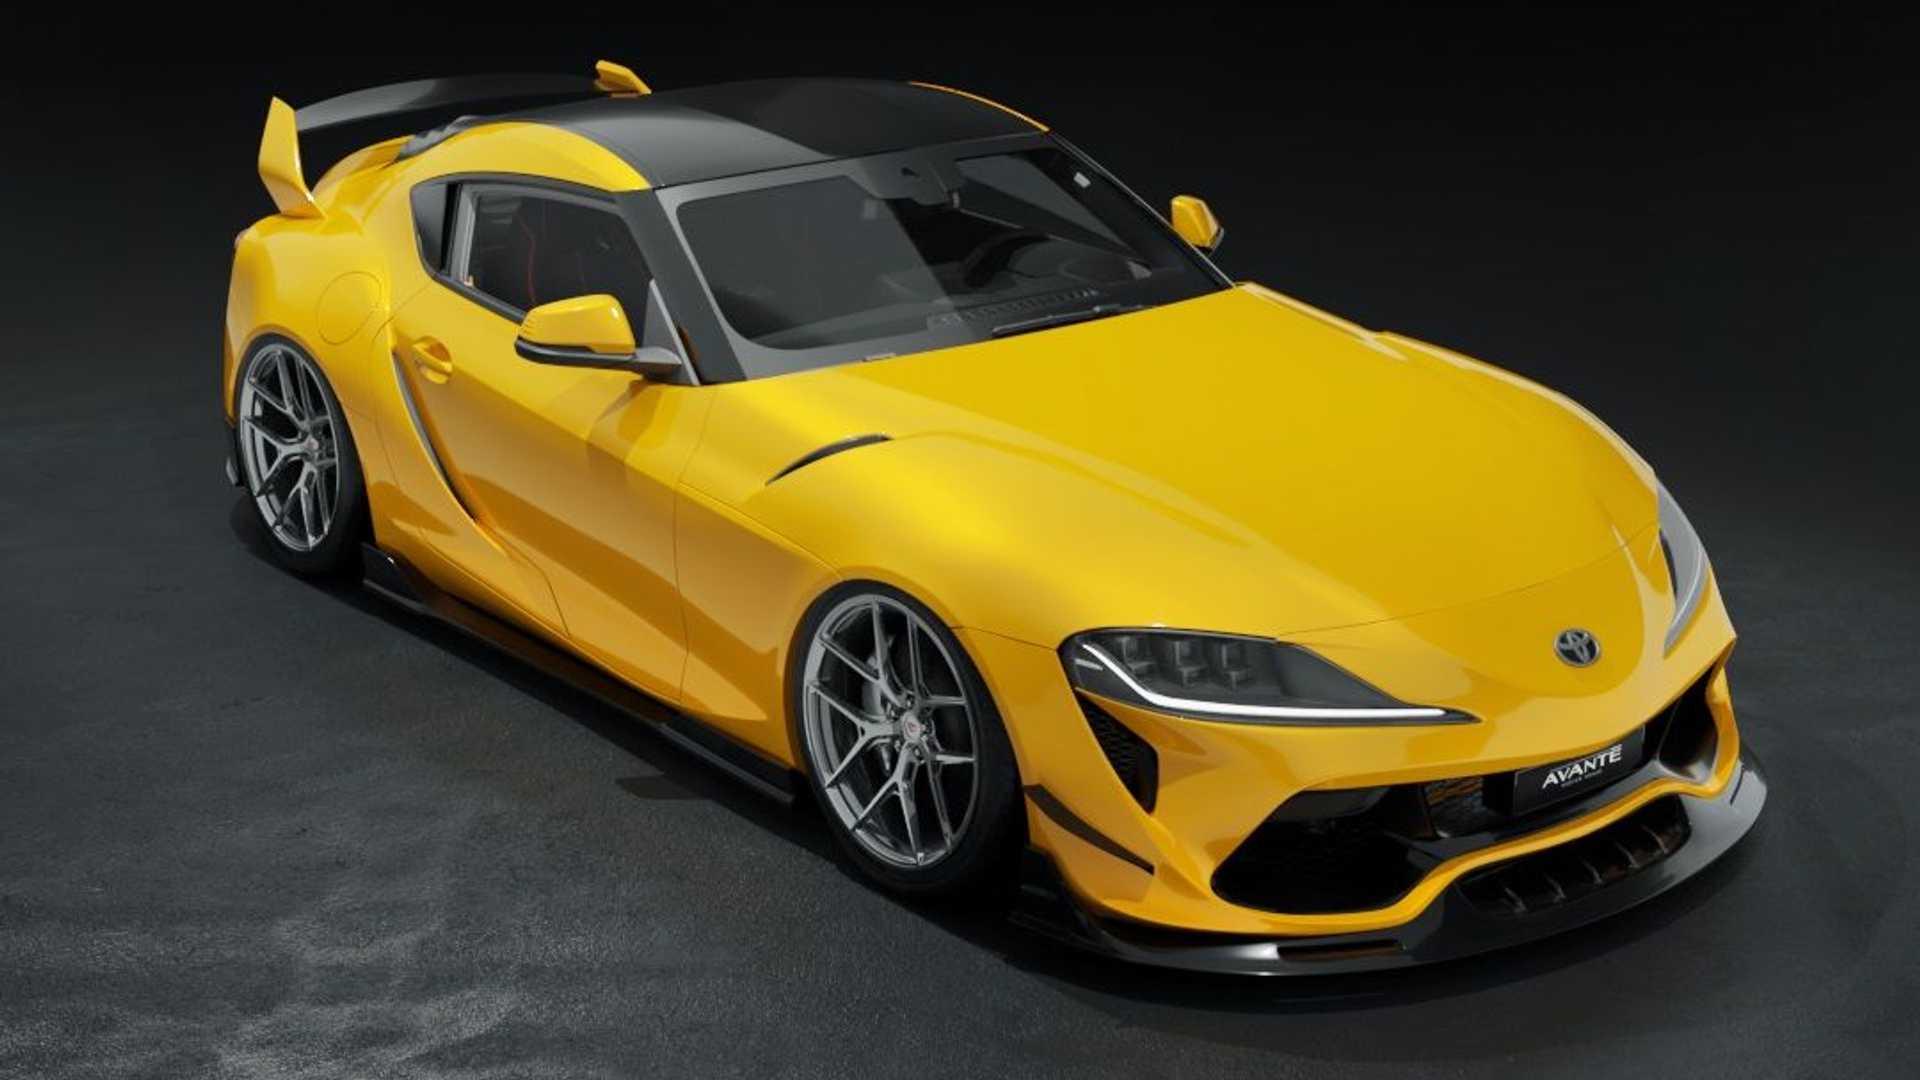 Toyota-Supra-by-Avante-Design-1